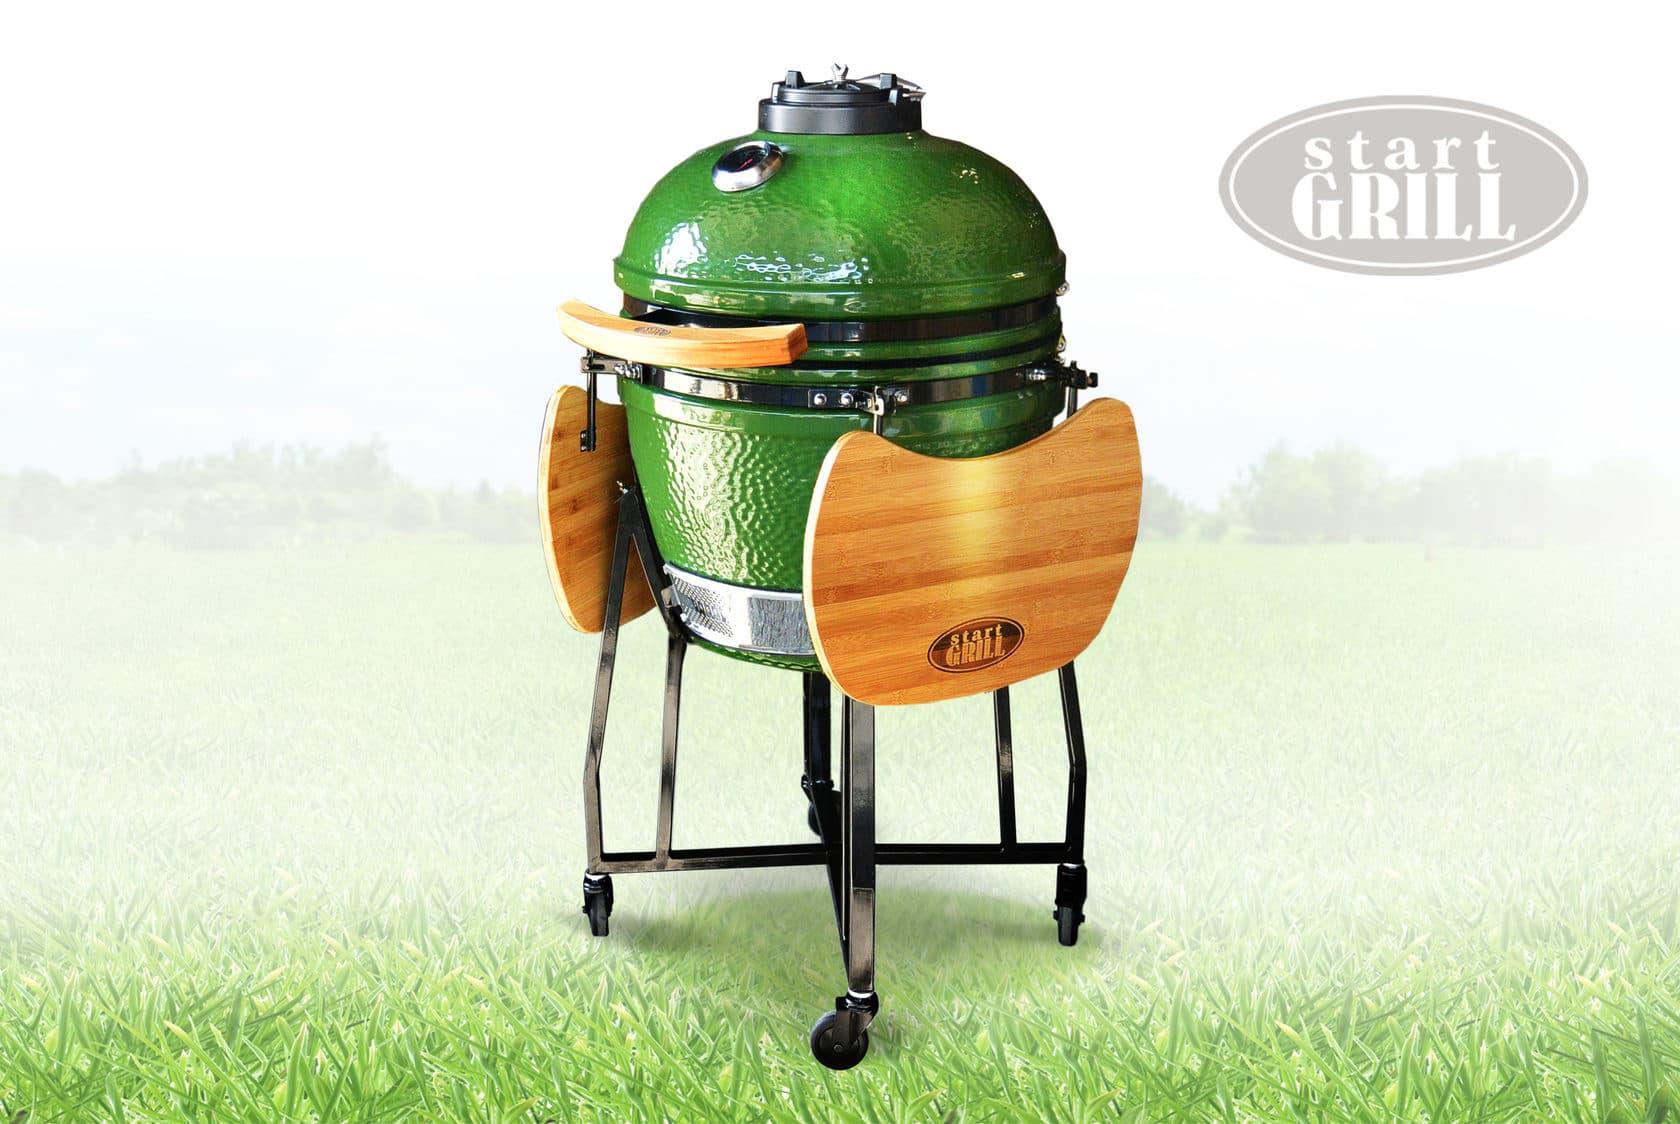 Керамический гриль Start Grill 18 дюймов